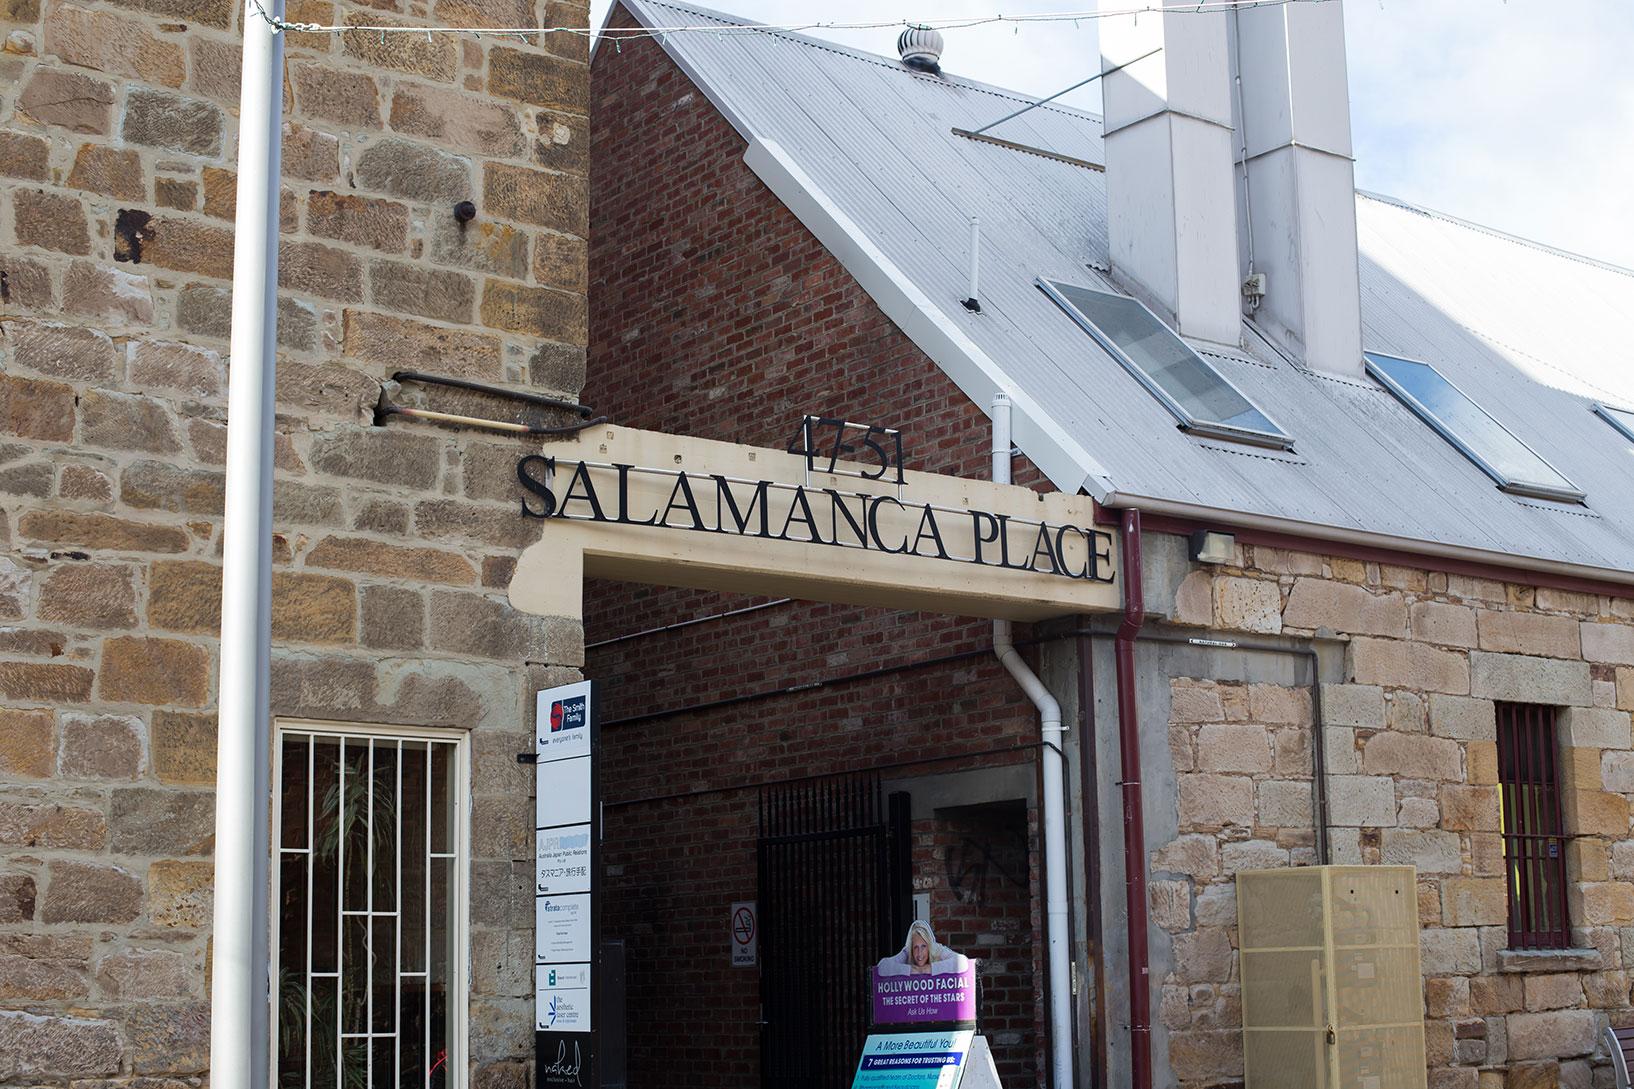 Salamanca Place Hobart